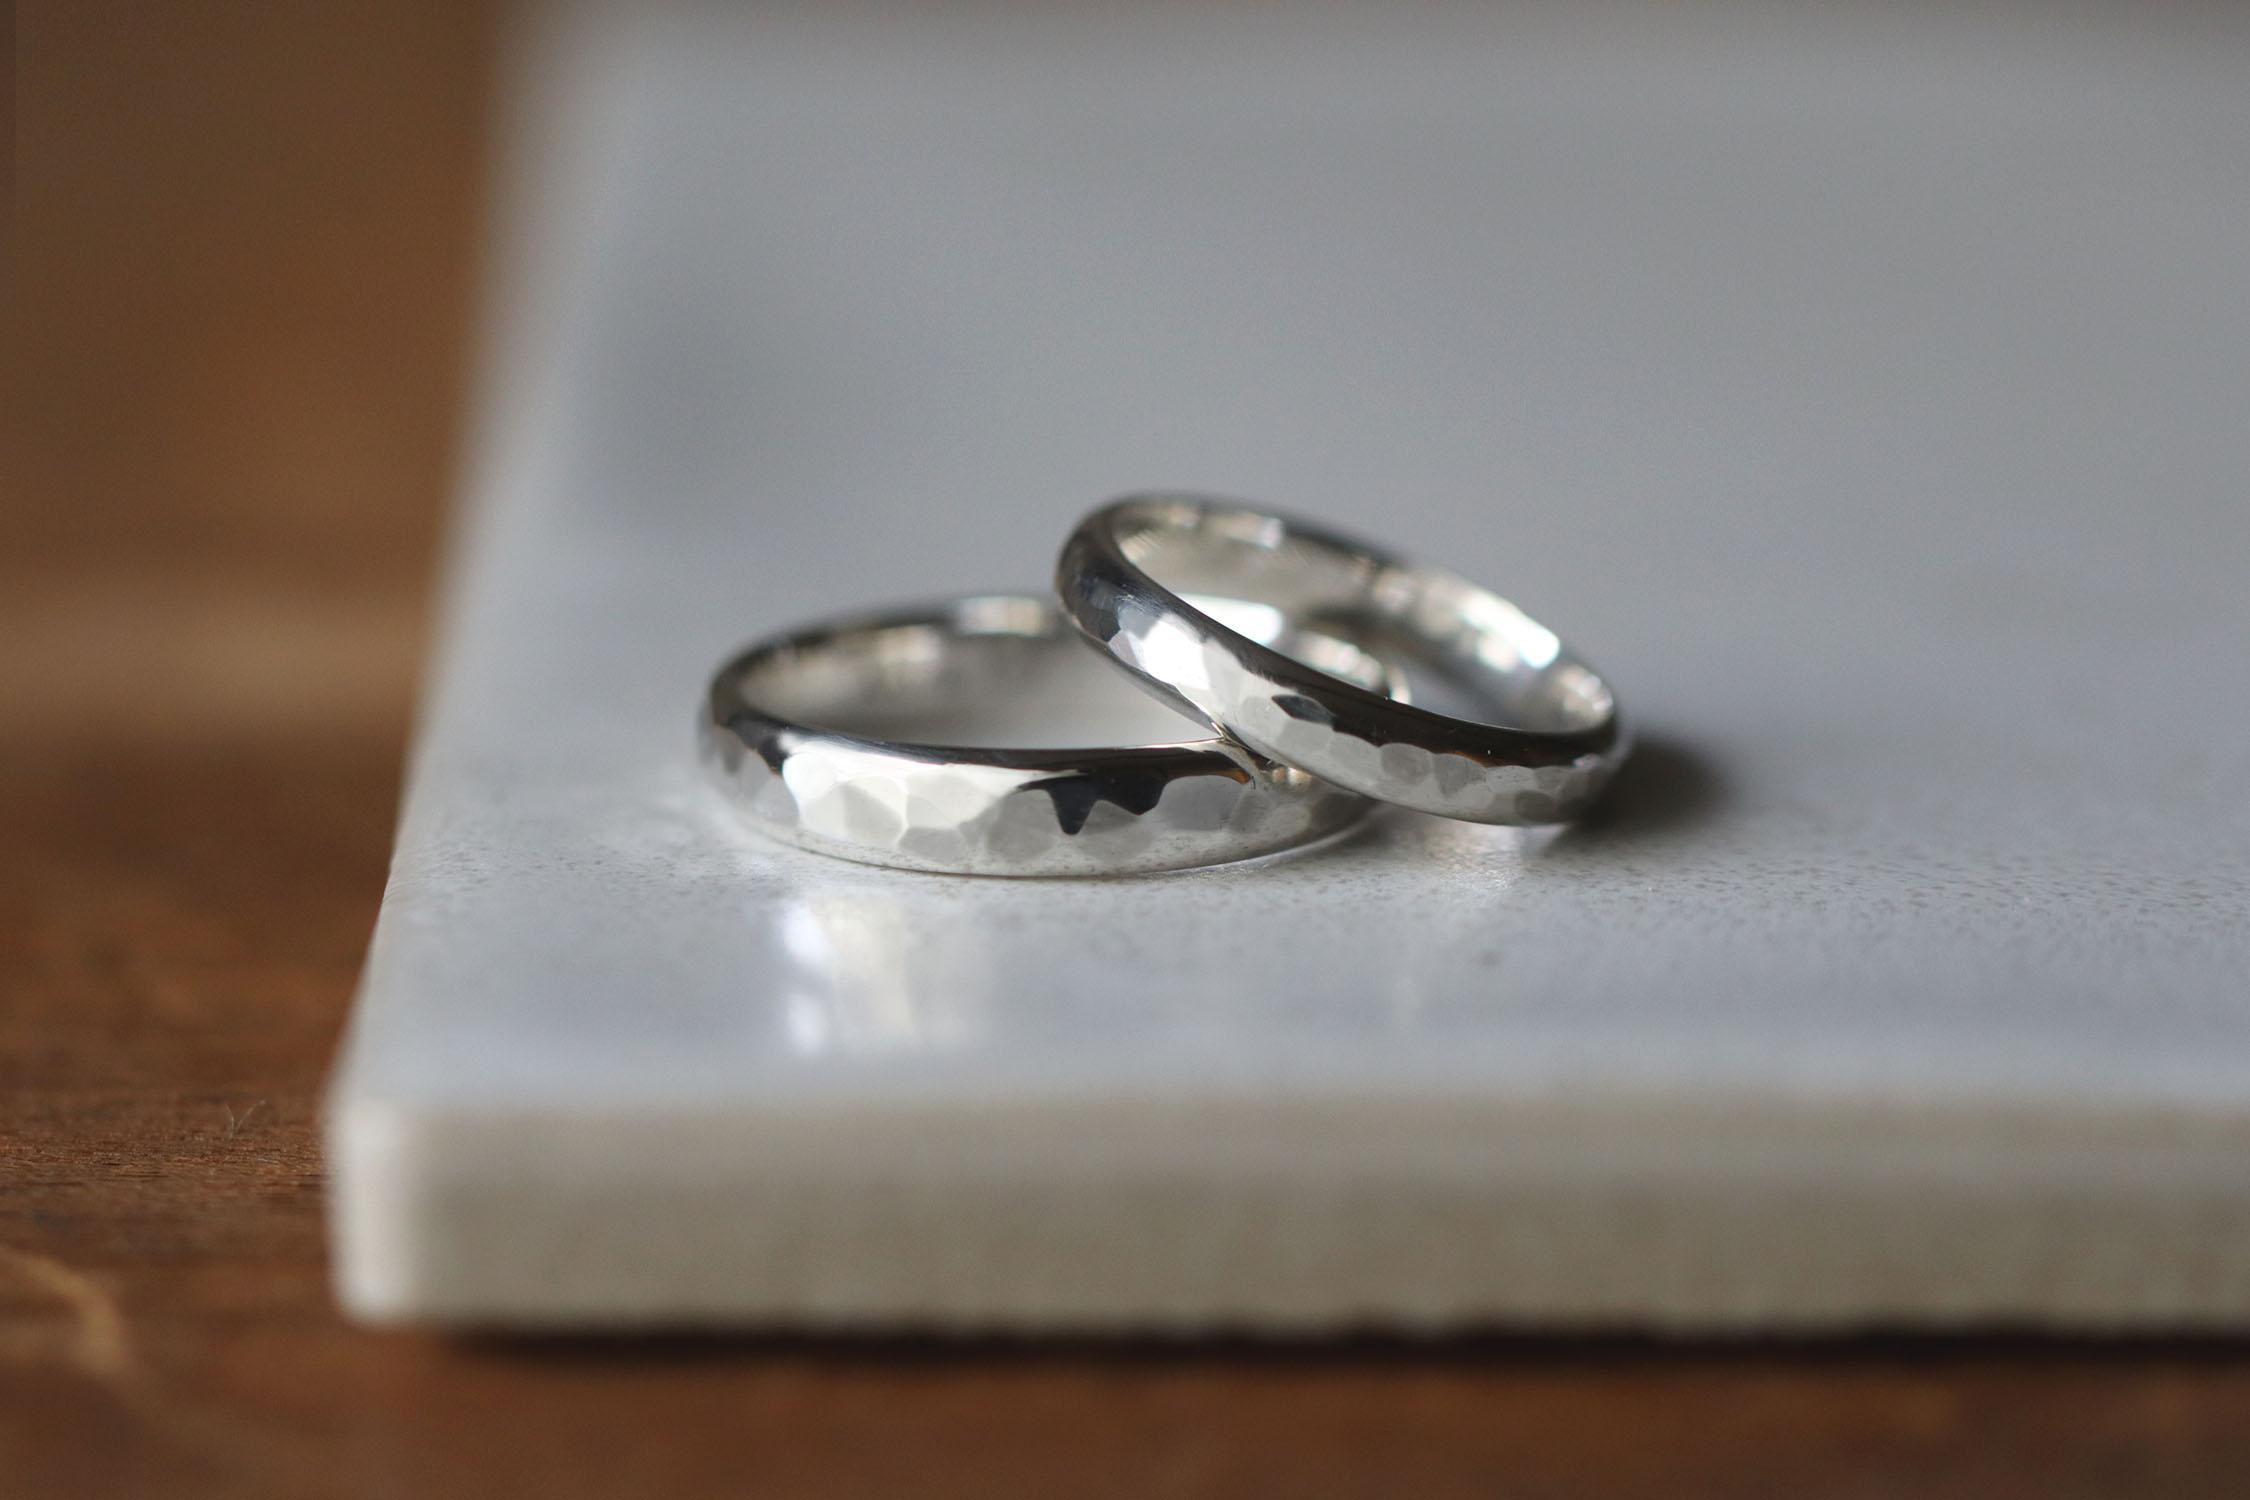 手作り結婚指輪で人気のデザインは甲丸鎚目タイプ